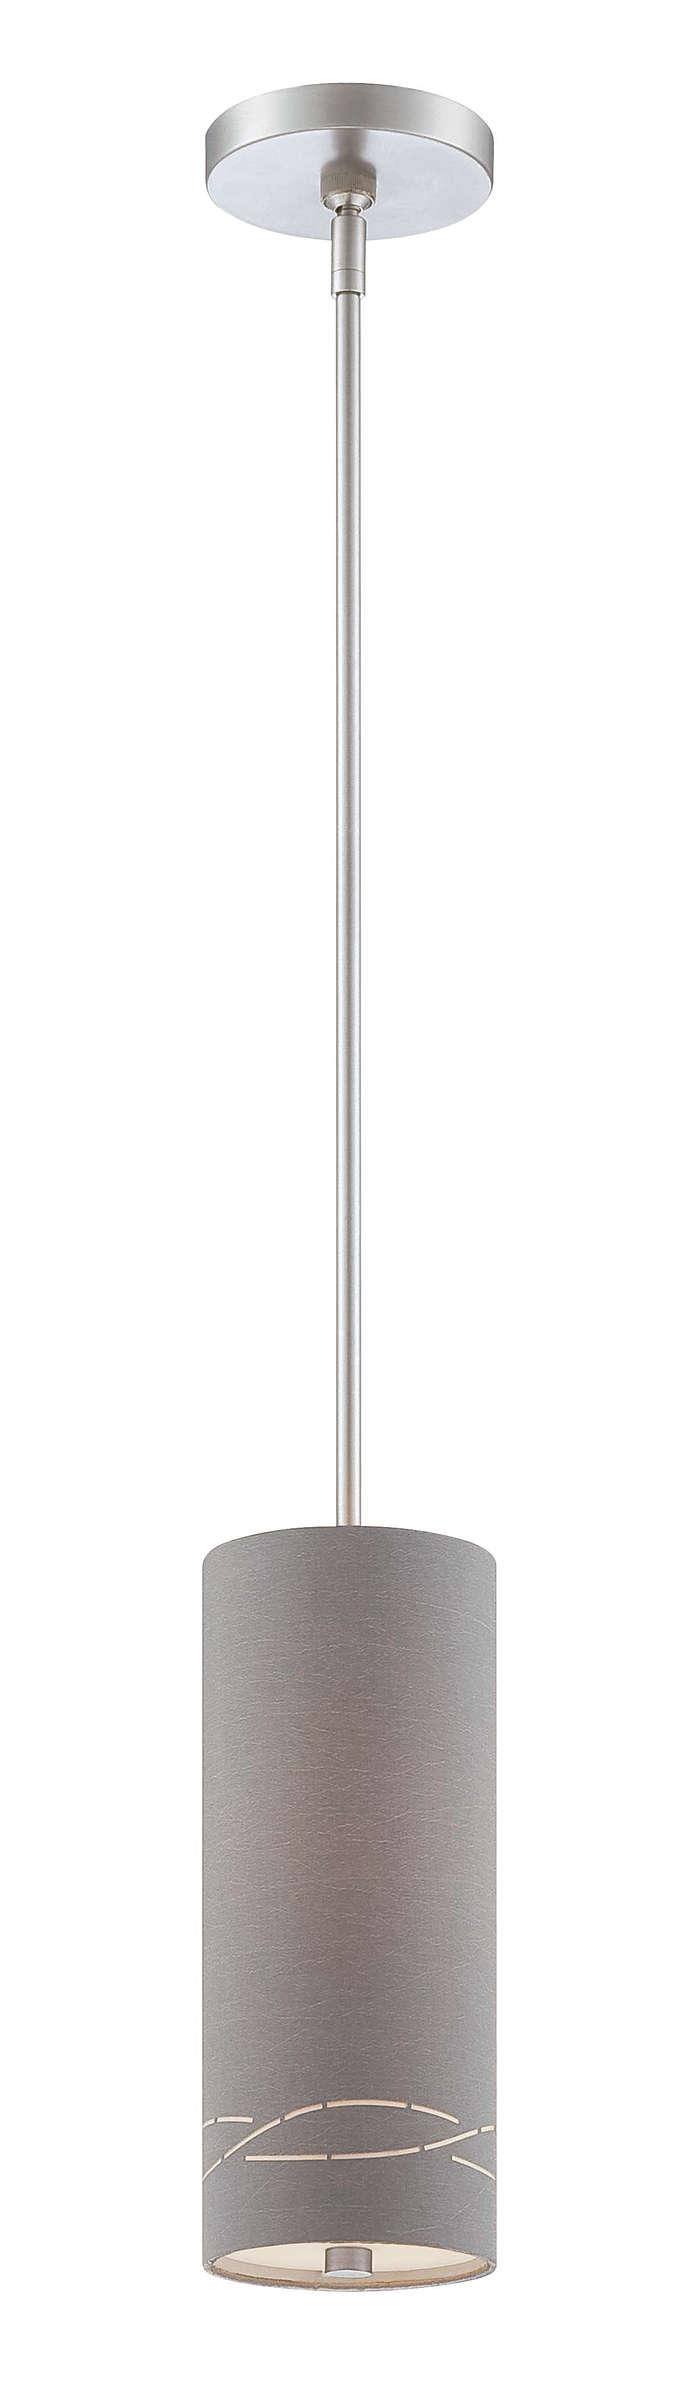 Silver Laser 1-light pendant, Satin Nickel finish